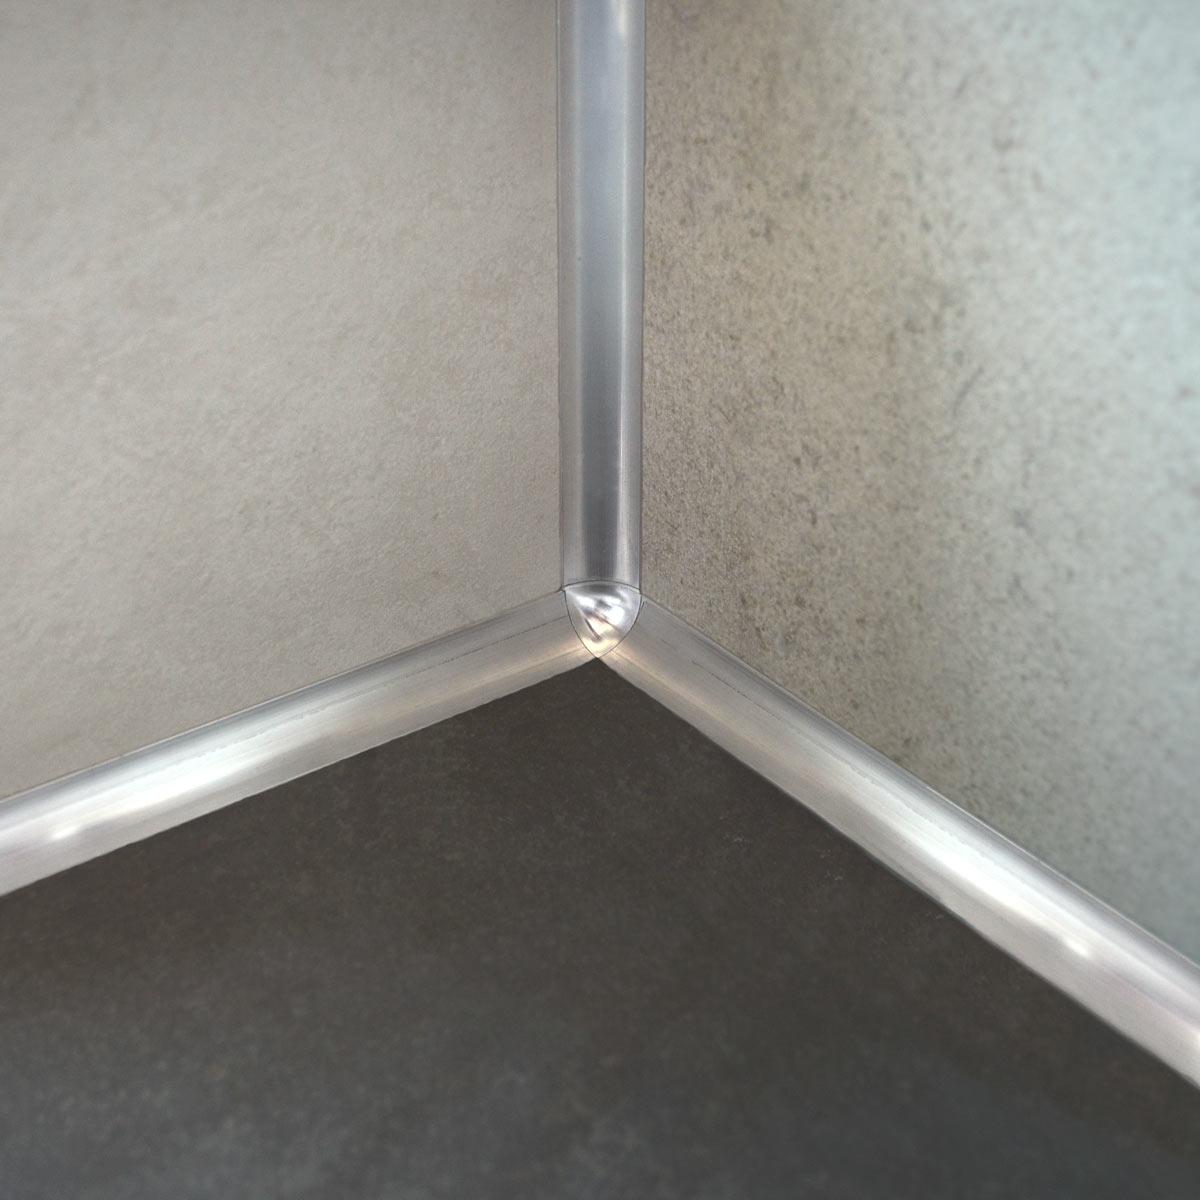 Profili per rivestimenti Accessori Sanitec SBT10 Profilitec